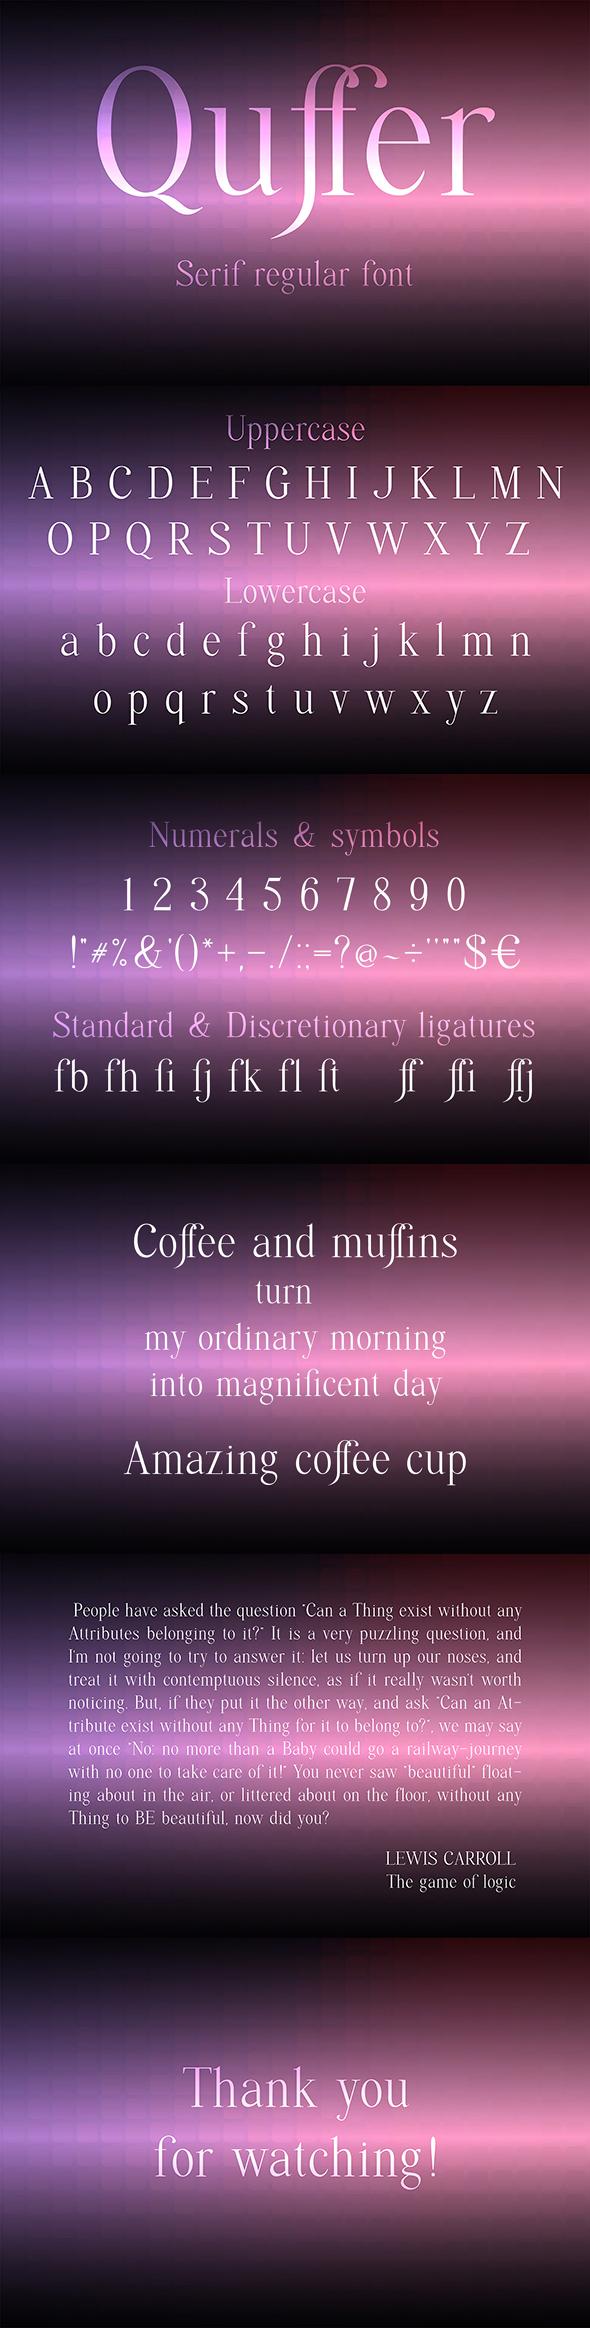 Quffer, serif regular font - Serif Fonts